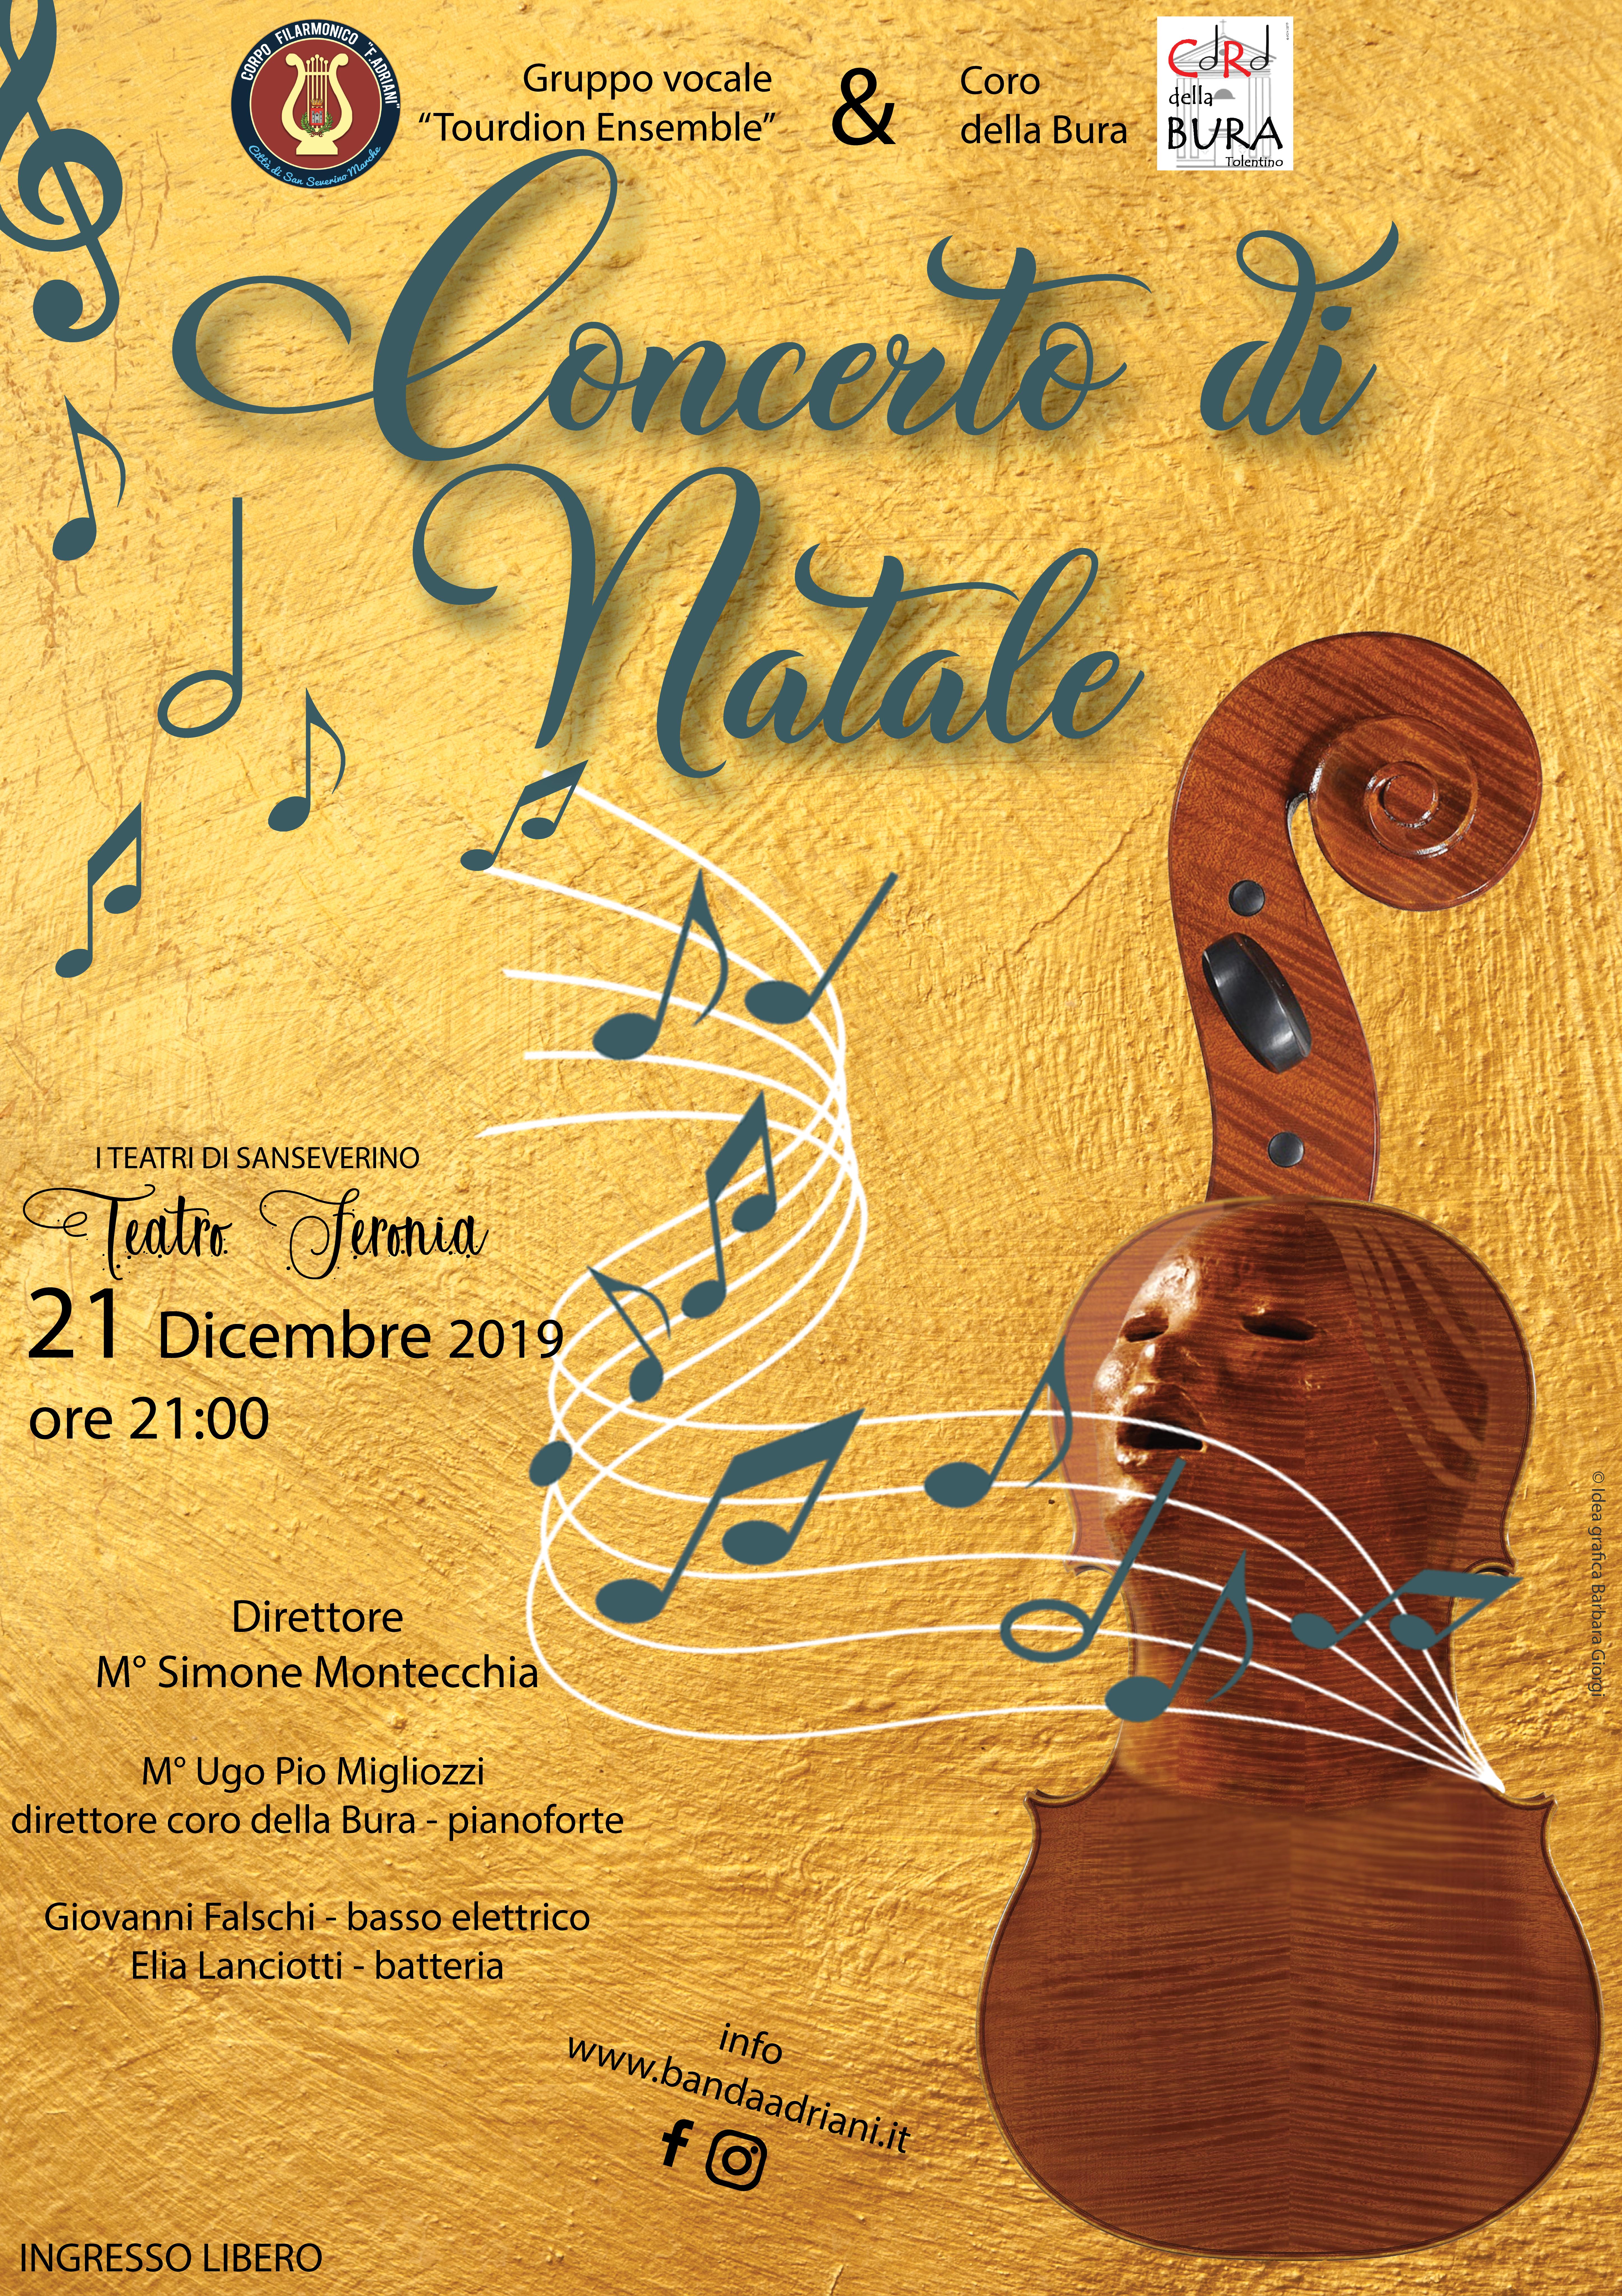 """Concerto di Natale 2019 - Gruppo vocale """"Tourdion Ensemble"""""""